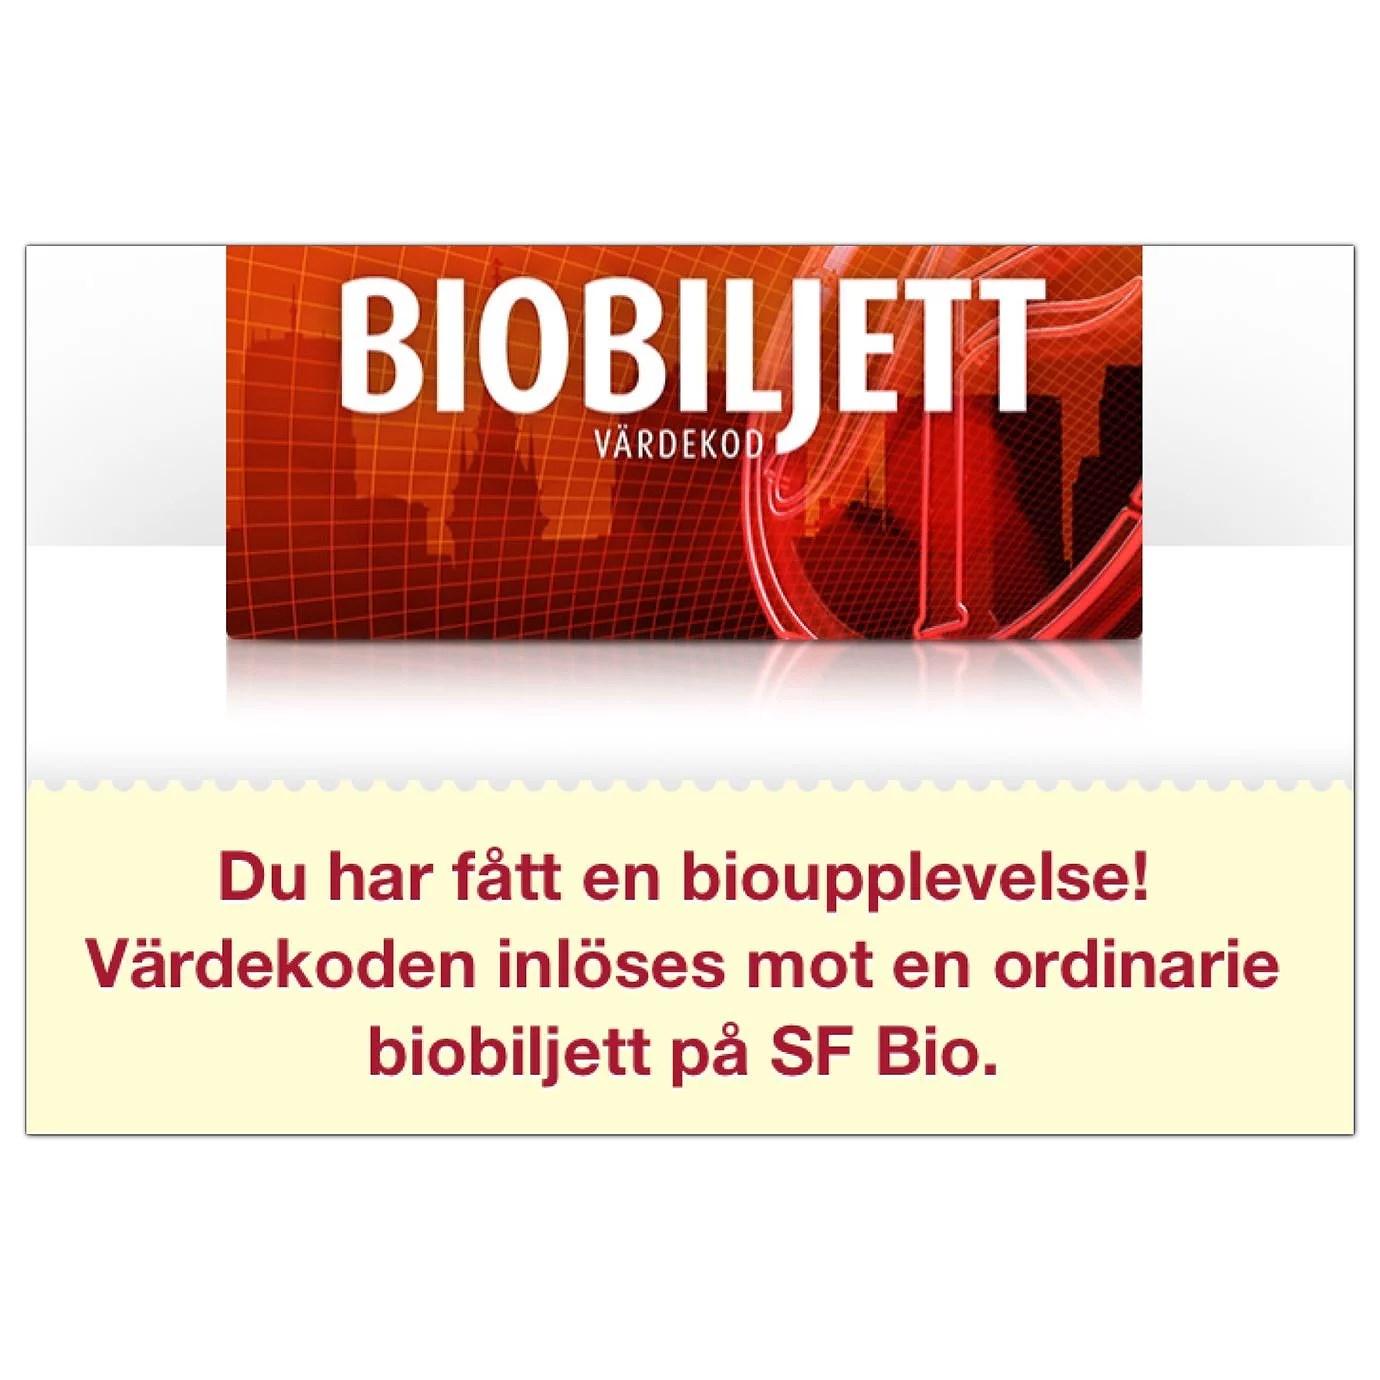 Därför älskar jag undersökningspaneler - gratis biobiljetter